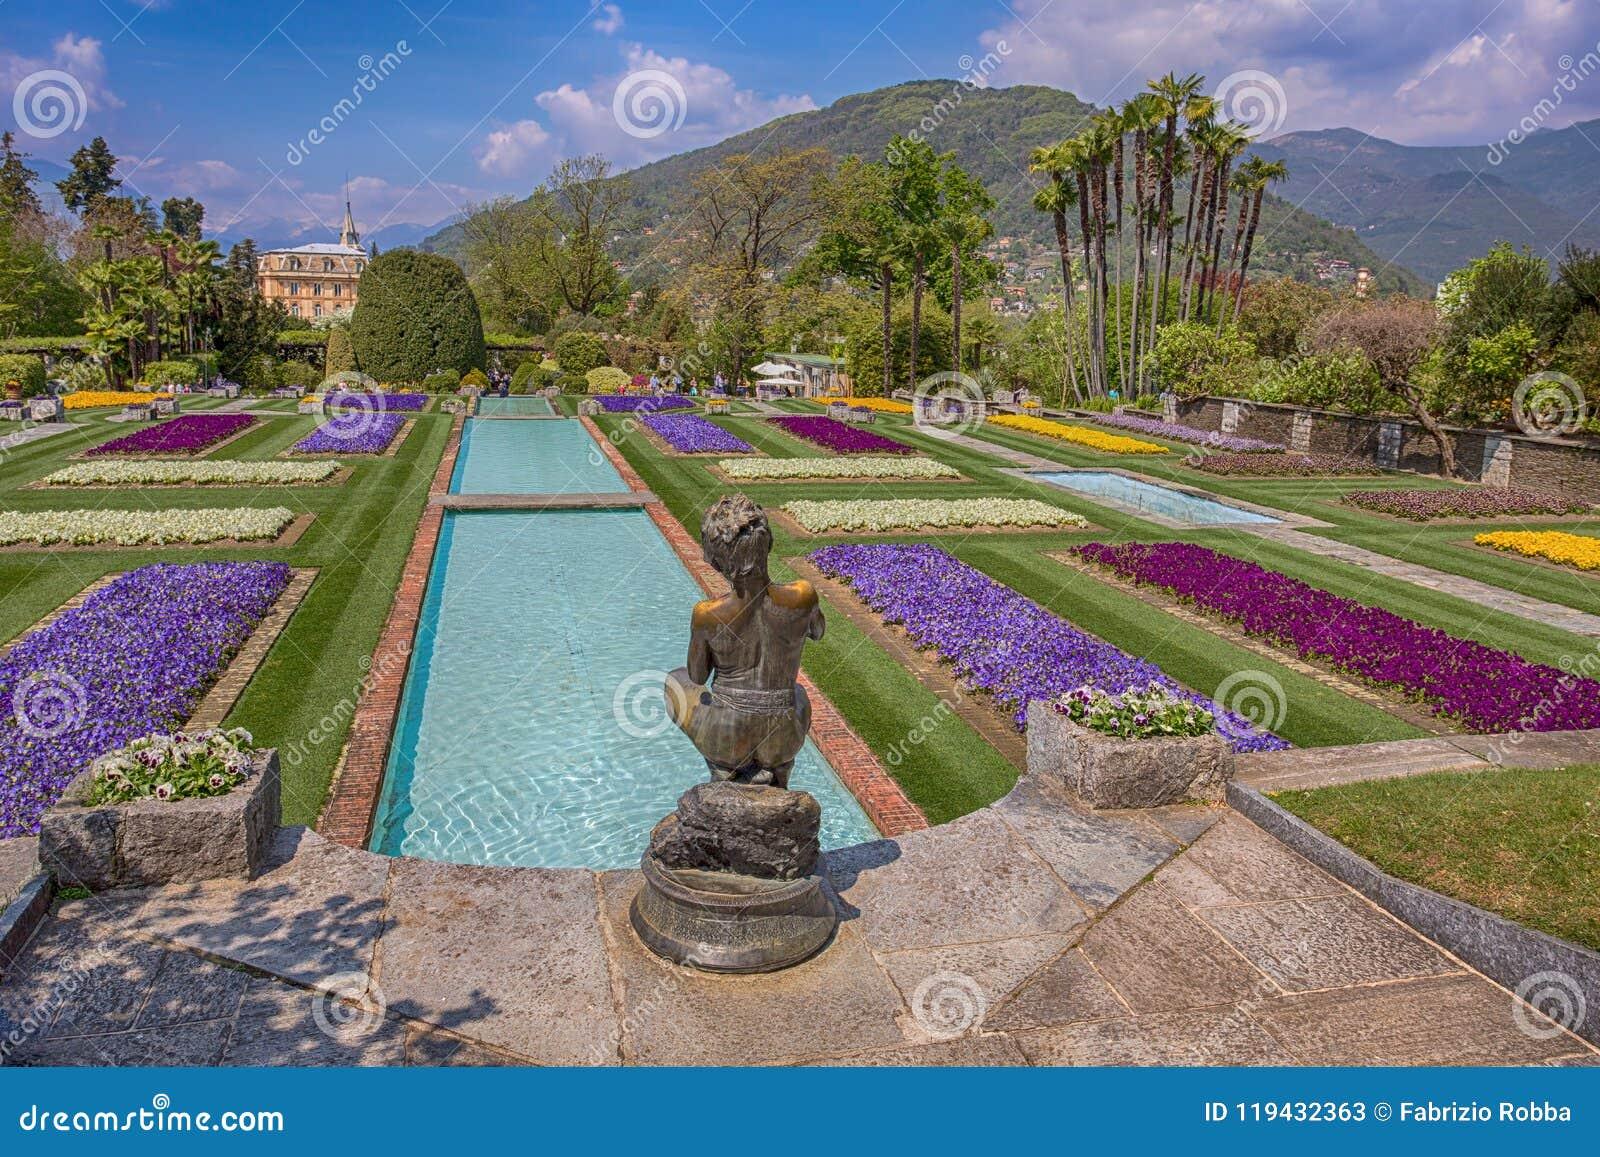 Giardini A Terrazze Nel Giardino Botanico Della Villa